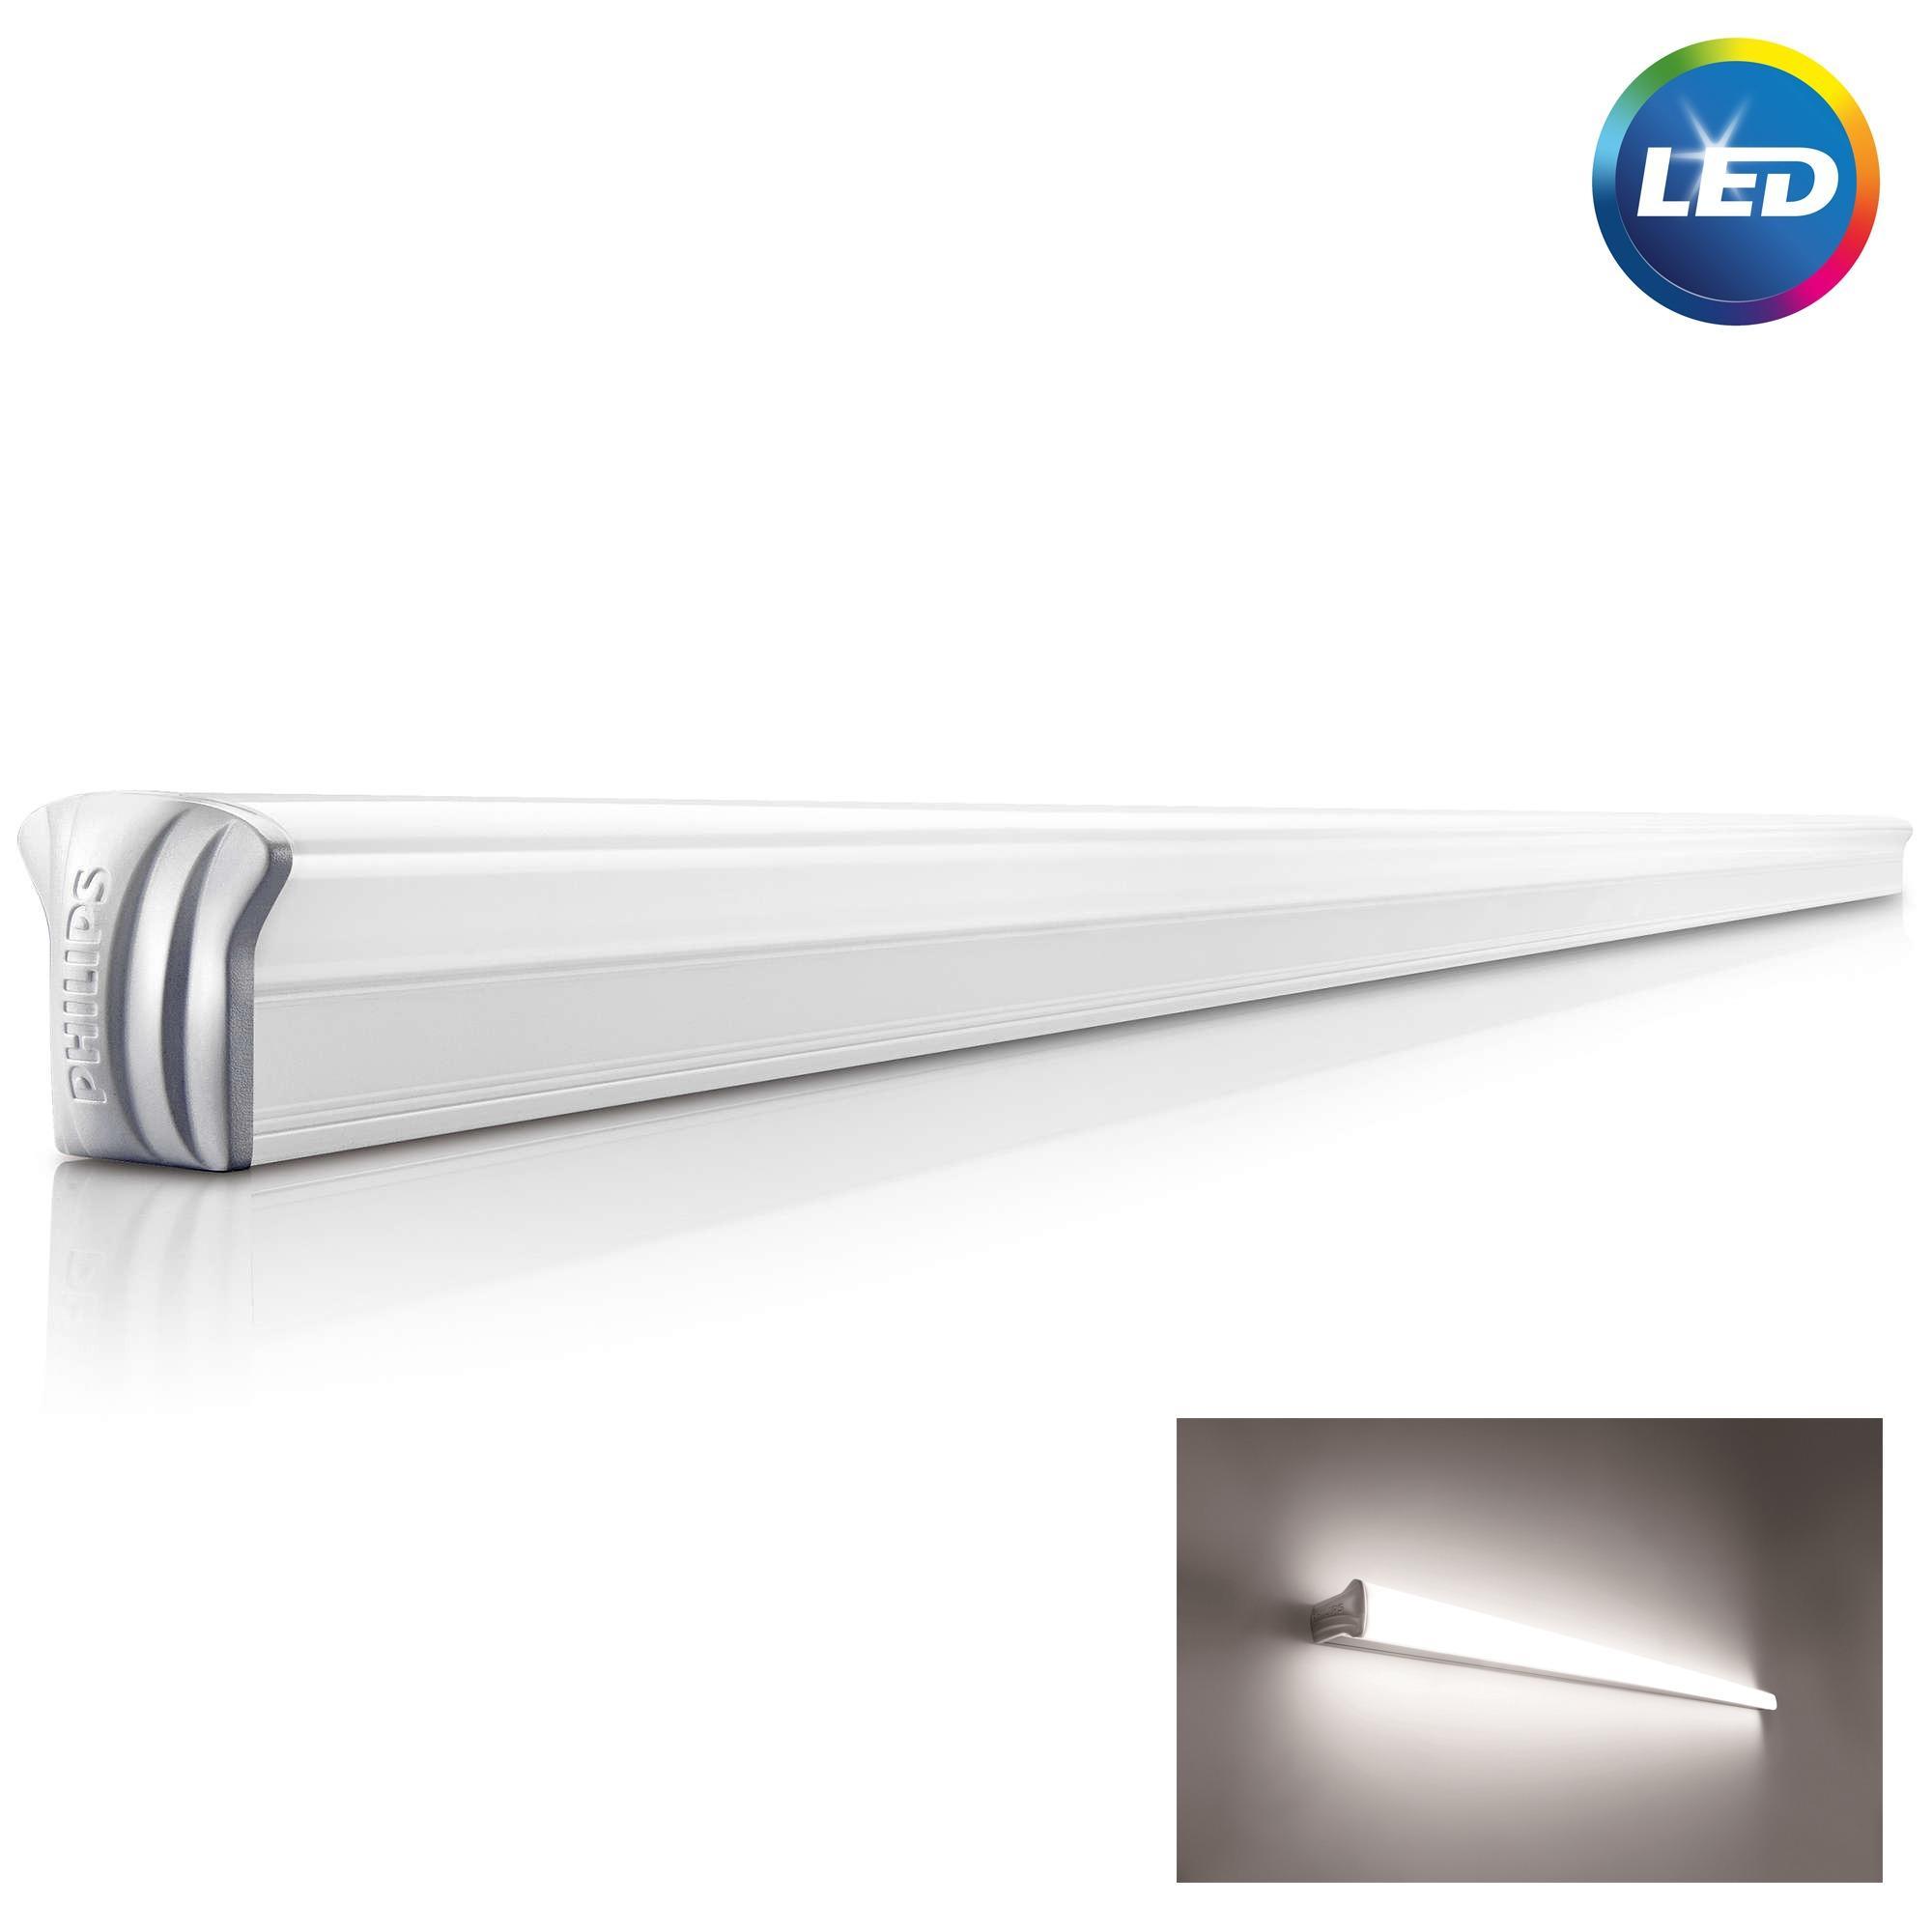 Đèn tường LED Philips Shellline 31173 10W 6500K (Ánh sáng trắng)